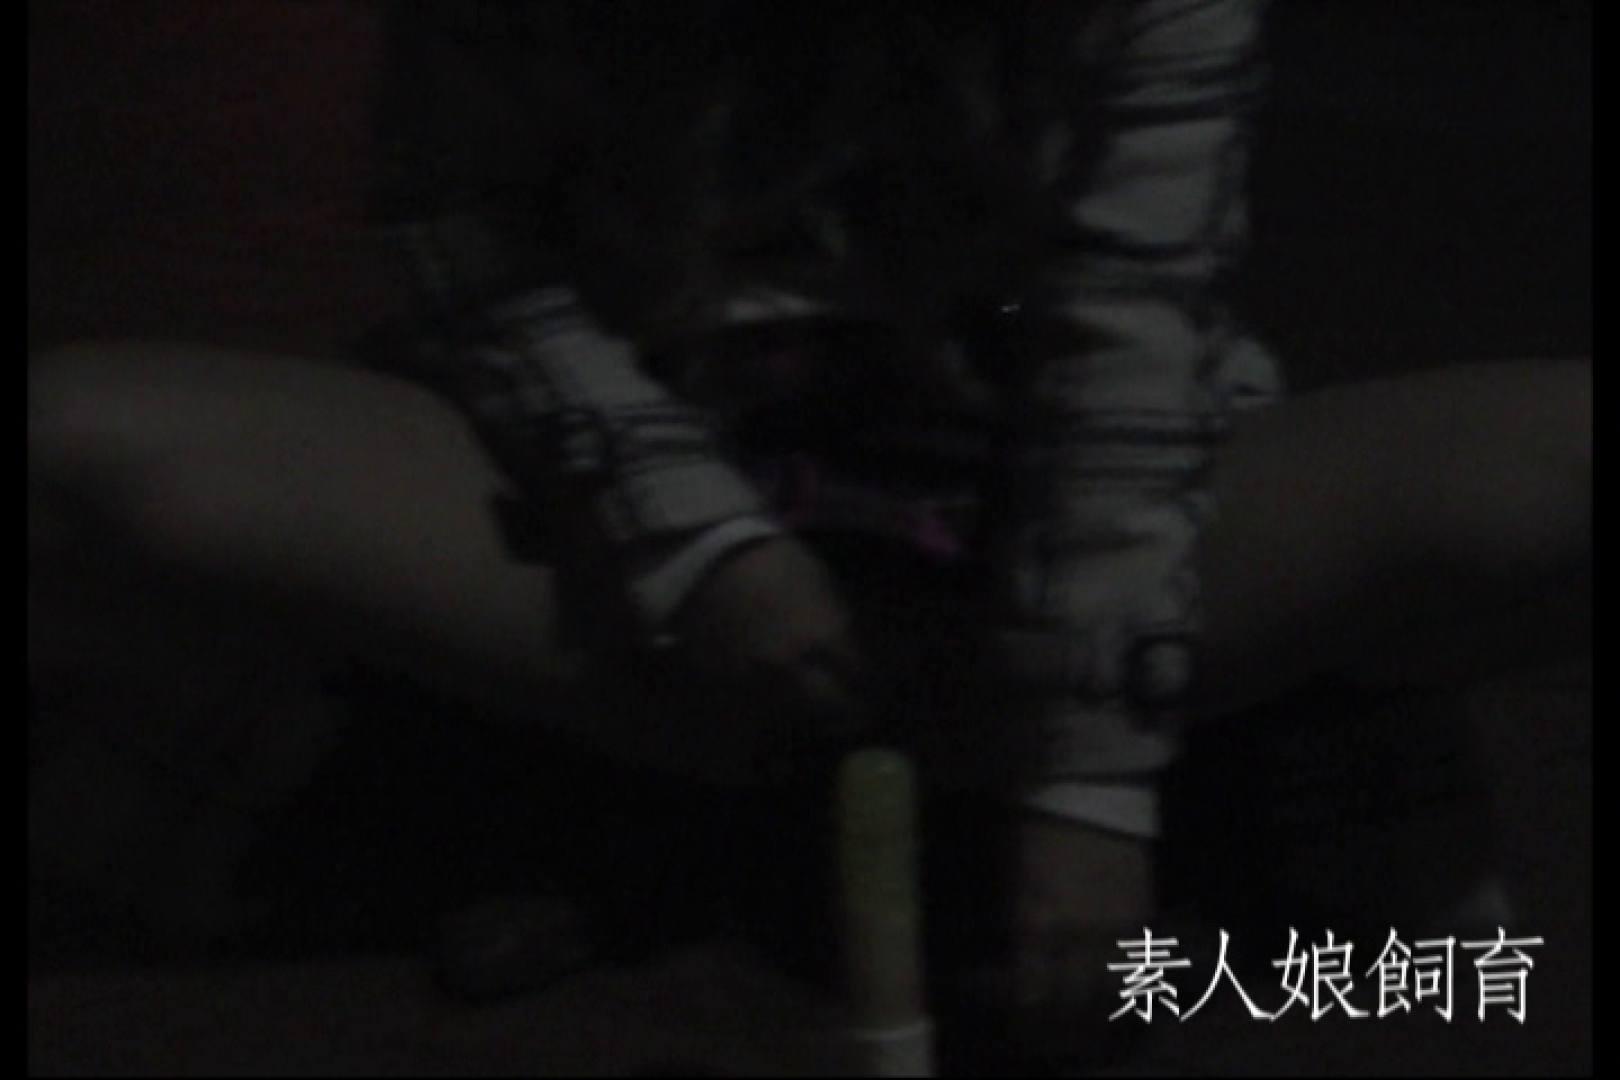 素人娘飼育~お前の餌は他人棒~公園でバイブとお漏らし 野外 アダルト動画キャプチャ 71pic 54